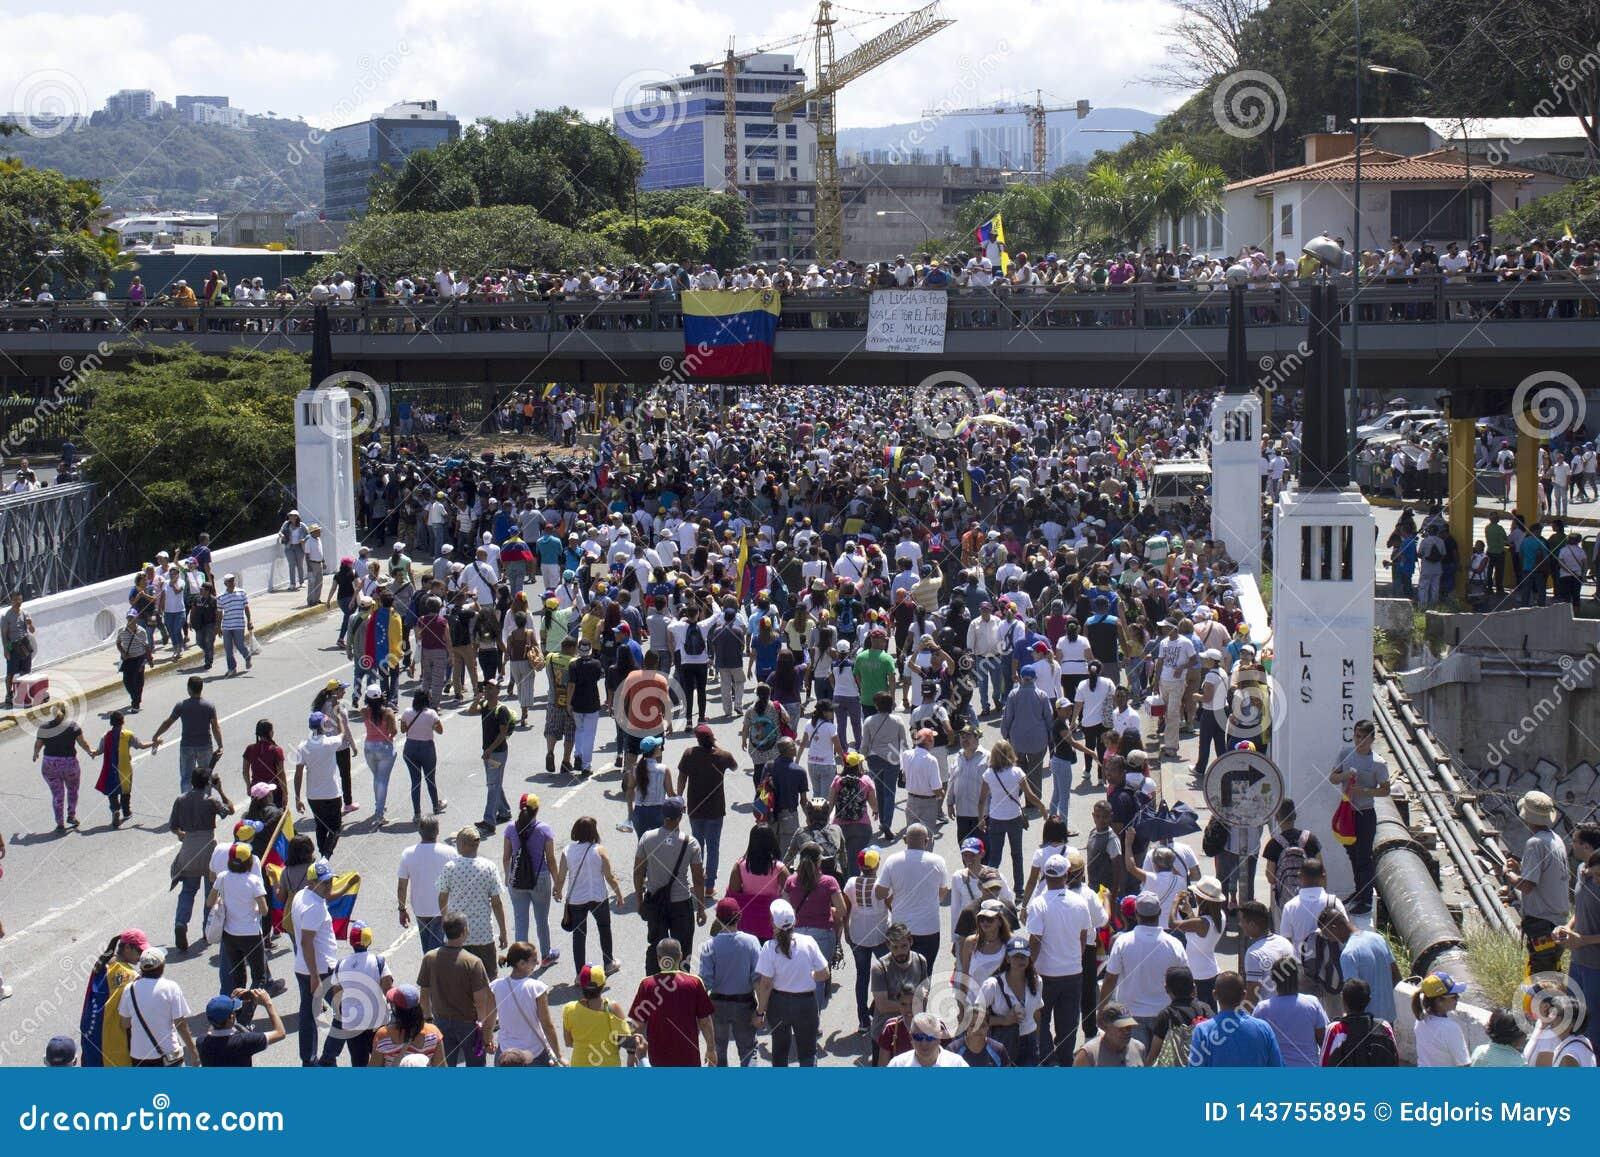 Διακοπές ρεύματος της Βενεζουέλας: Οι διαμαρτυρίες ξεσπούν στη Βενεζουέλα πέρα από τη συσκότιση